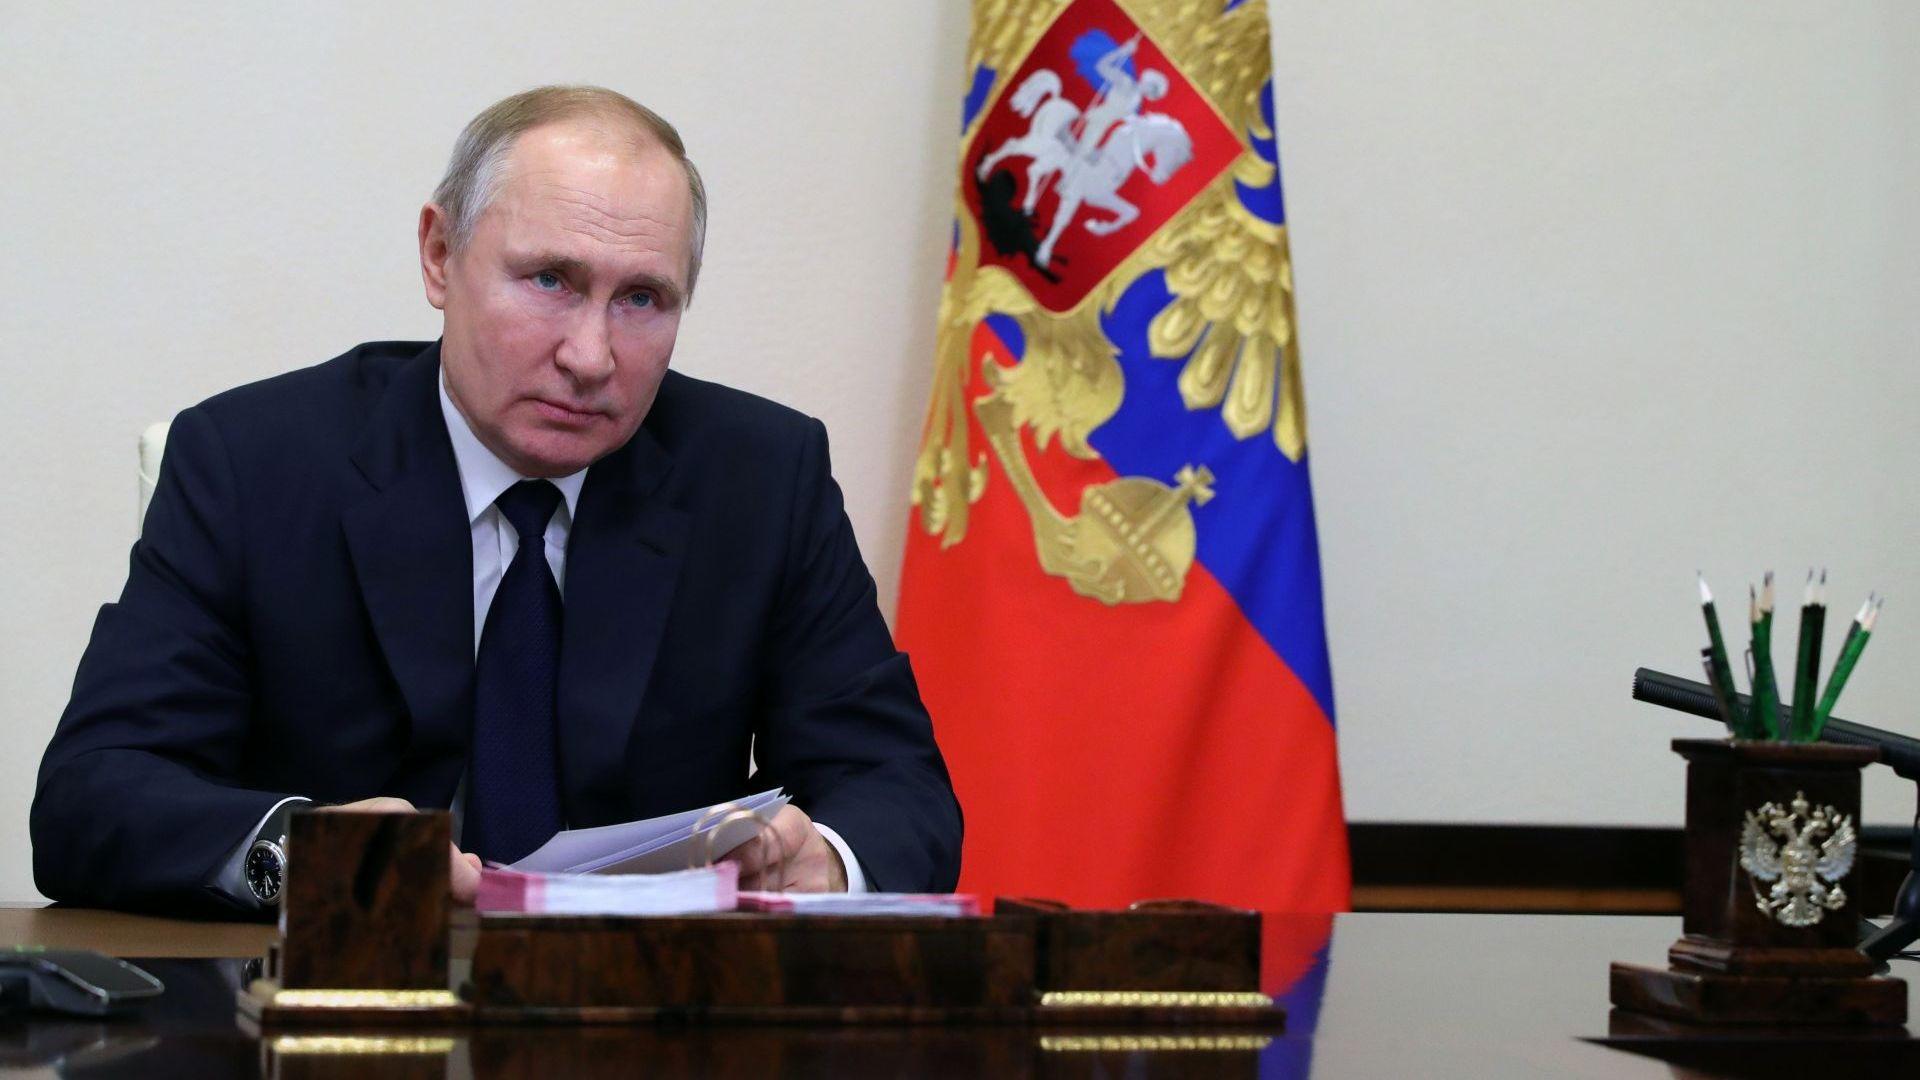 Путин: Трябва да защитим парламентарните ни избори срещу външна намеса